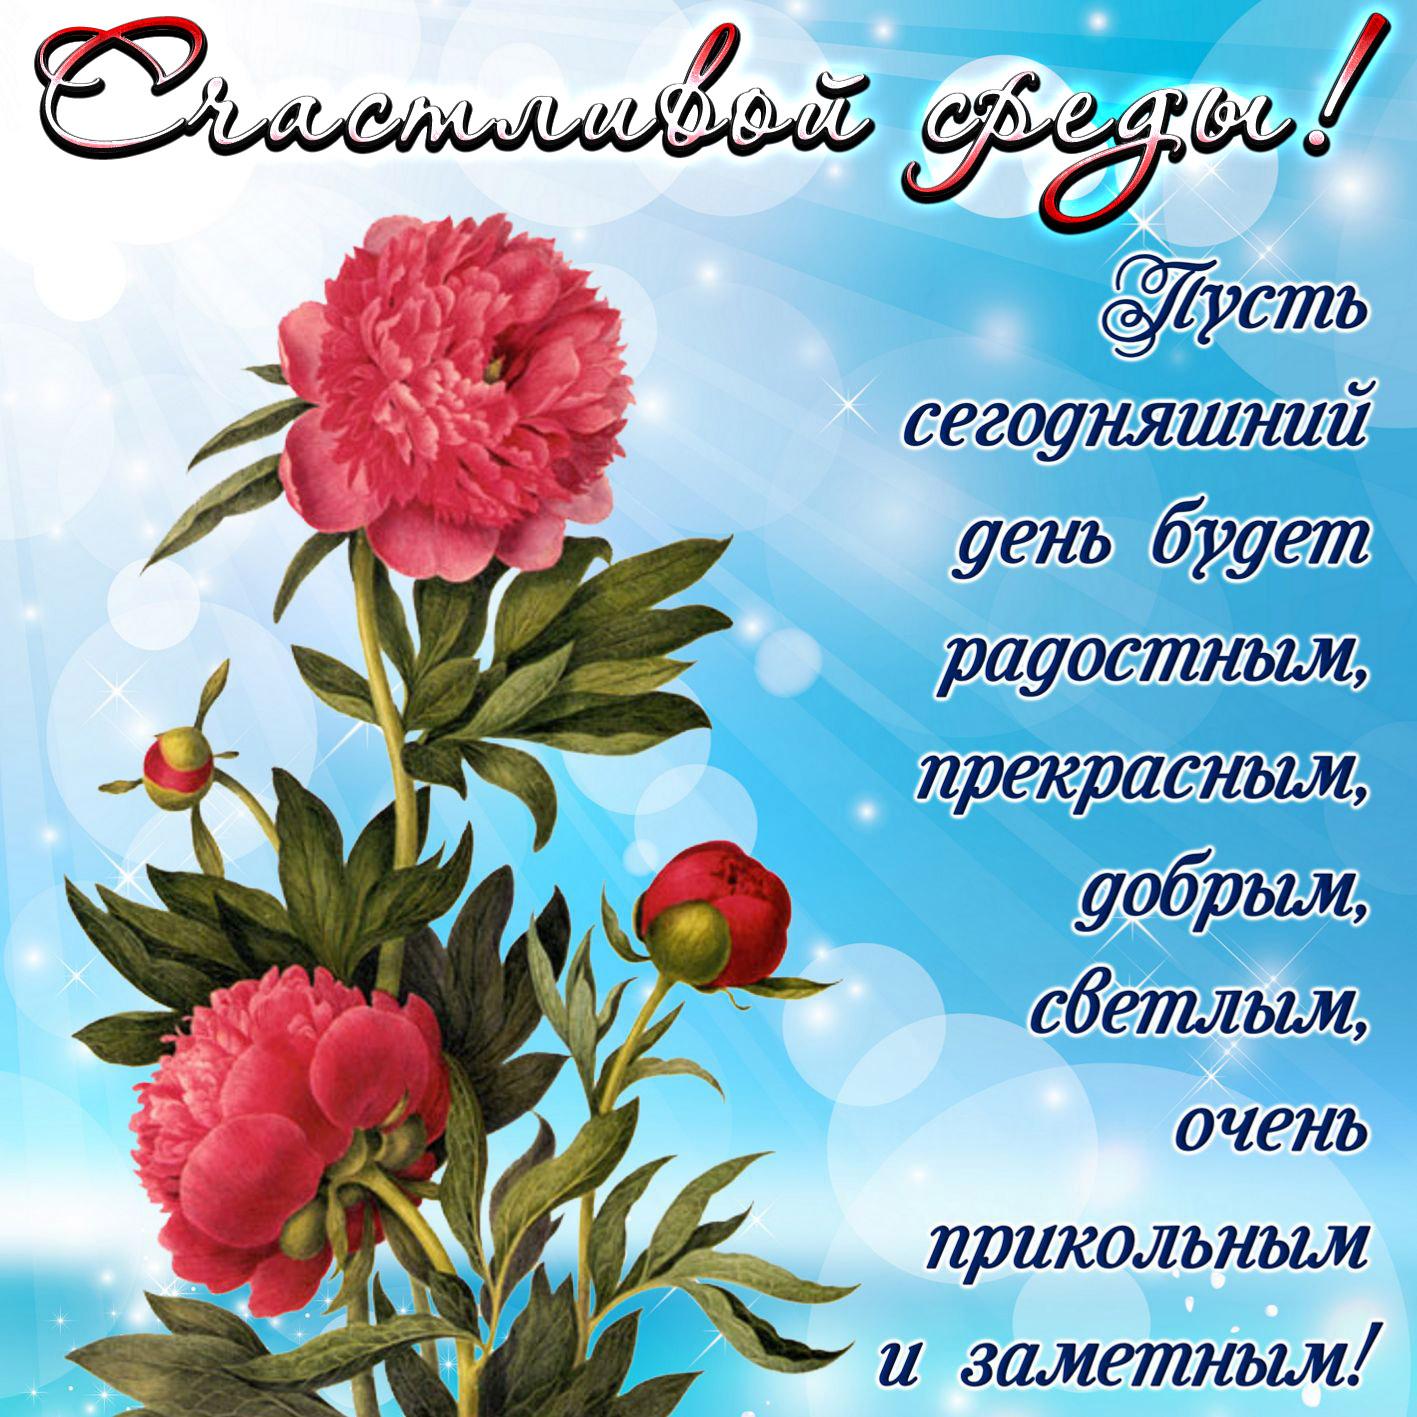 Гифки с добрым днем и хорошими пожеланиями